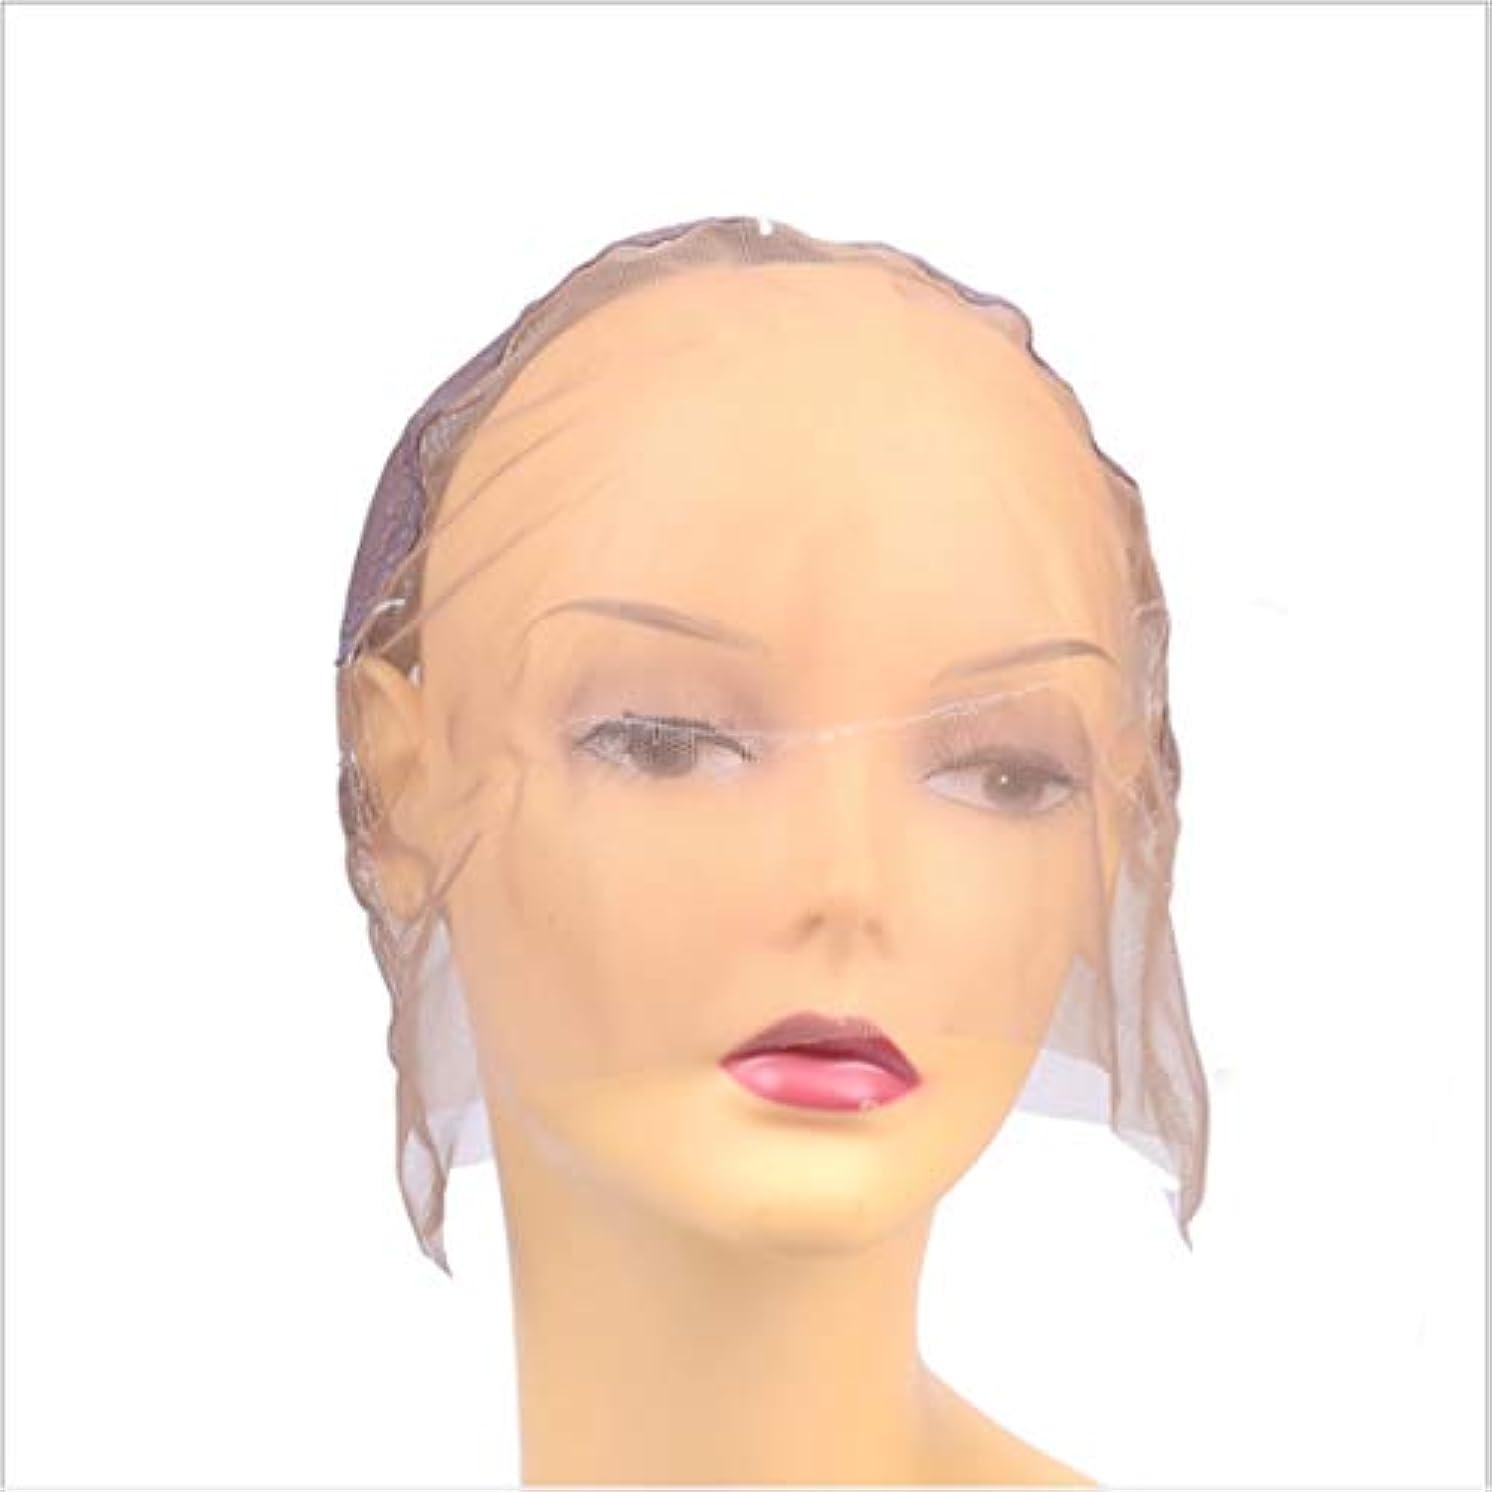 注釈を付けるグローバル豆かつらを作る女性のためのアクセサリーピュアハンドウーブンメッシュキャップフルハンドフックネットウィッグキャップ ヘアケア (Design : A)